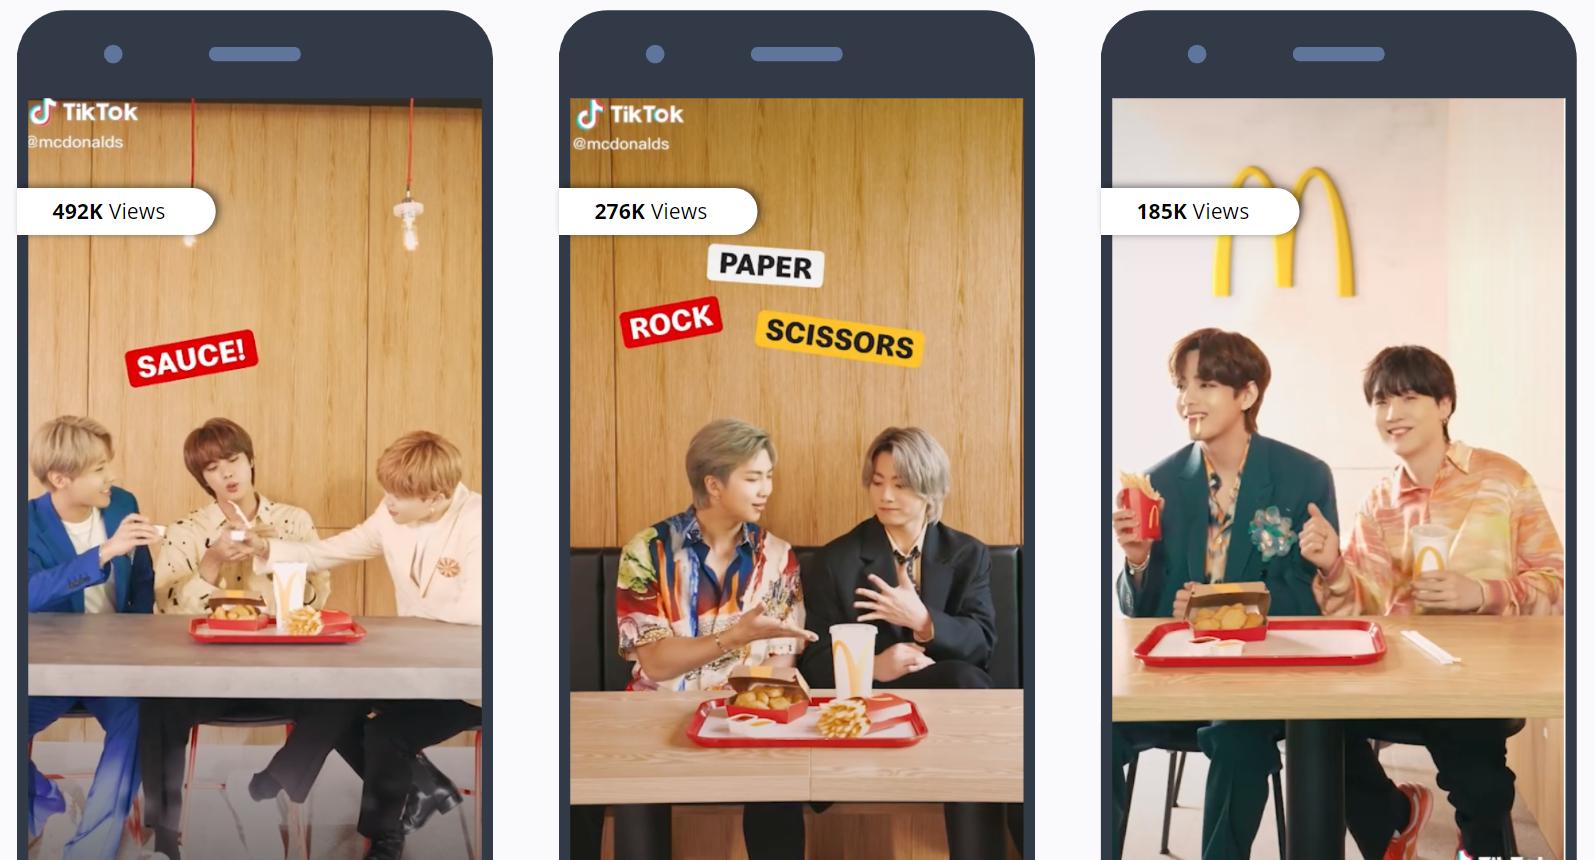 BTS - TikTok - McDonalds